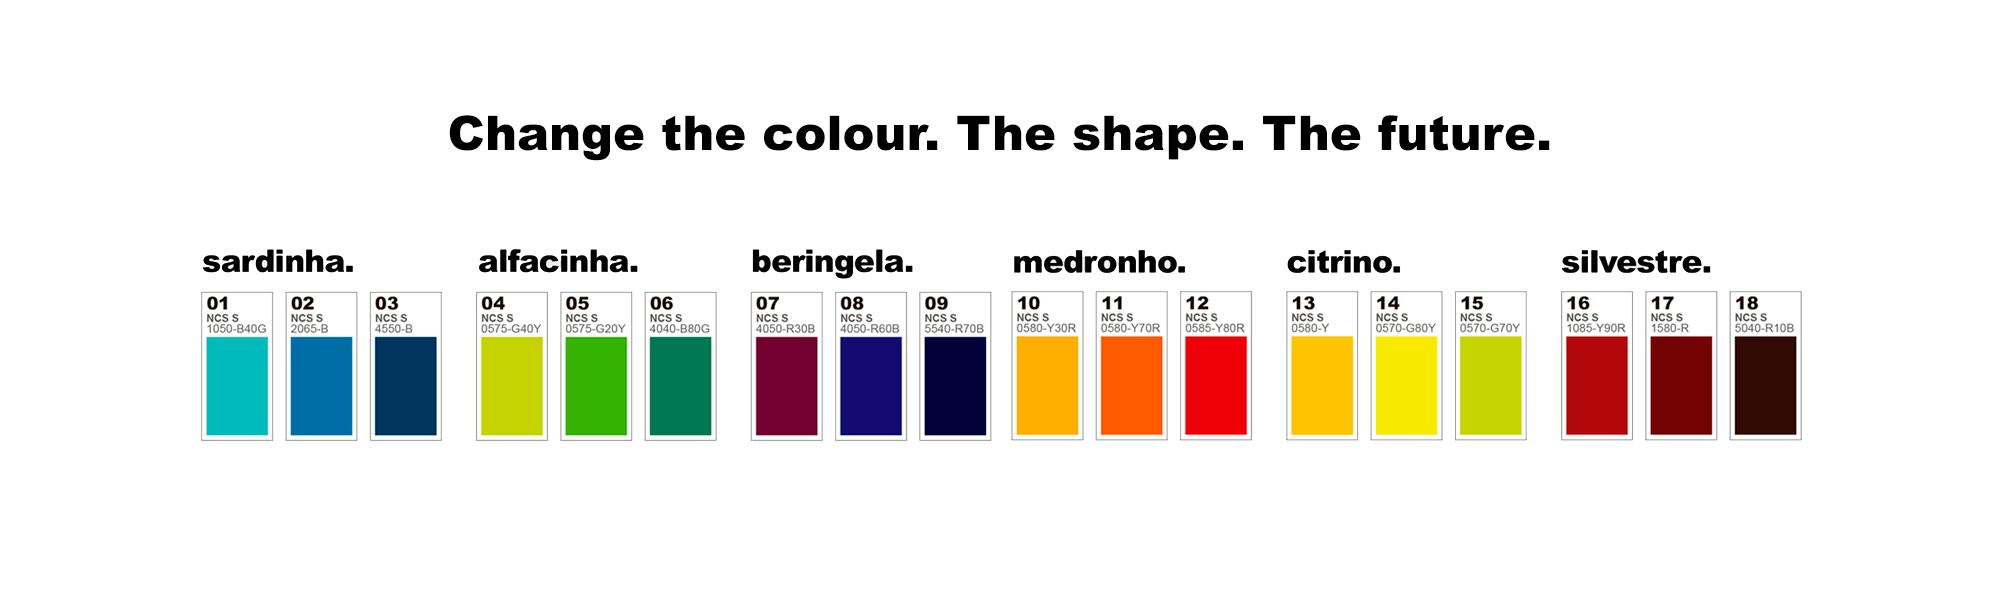 varas_verdes_activation_colors